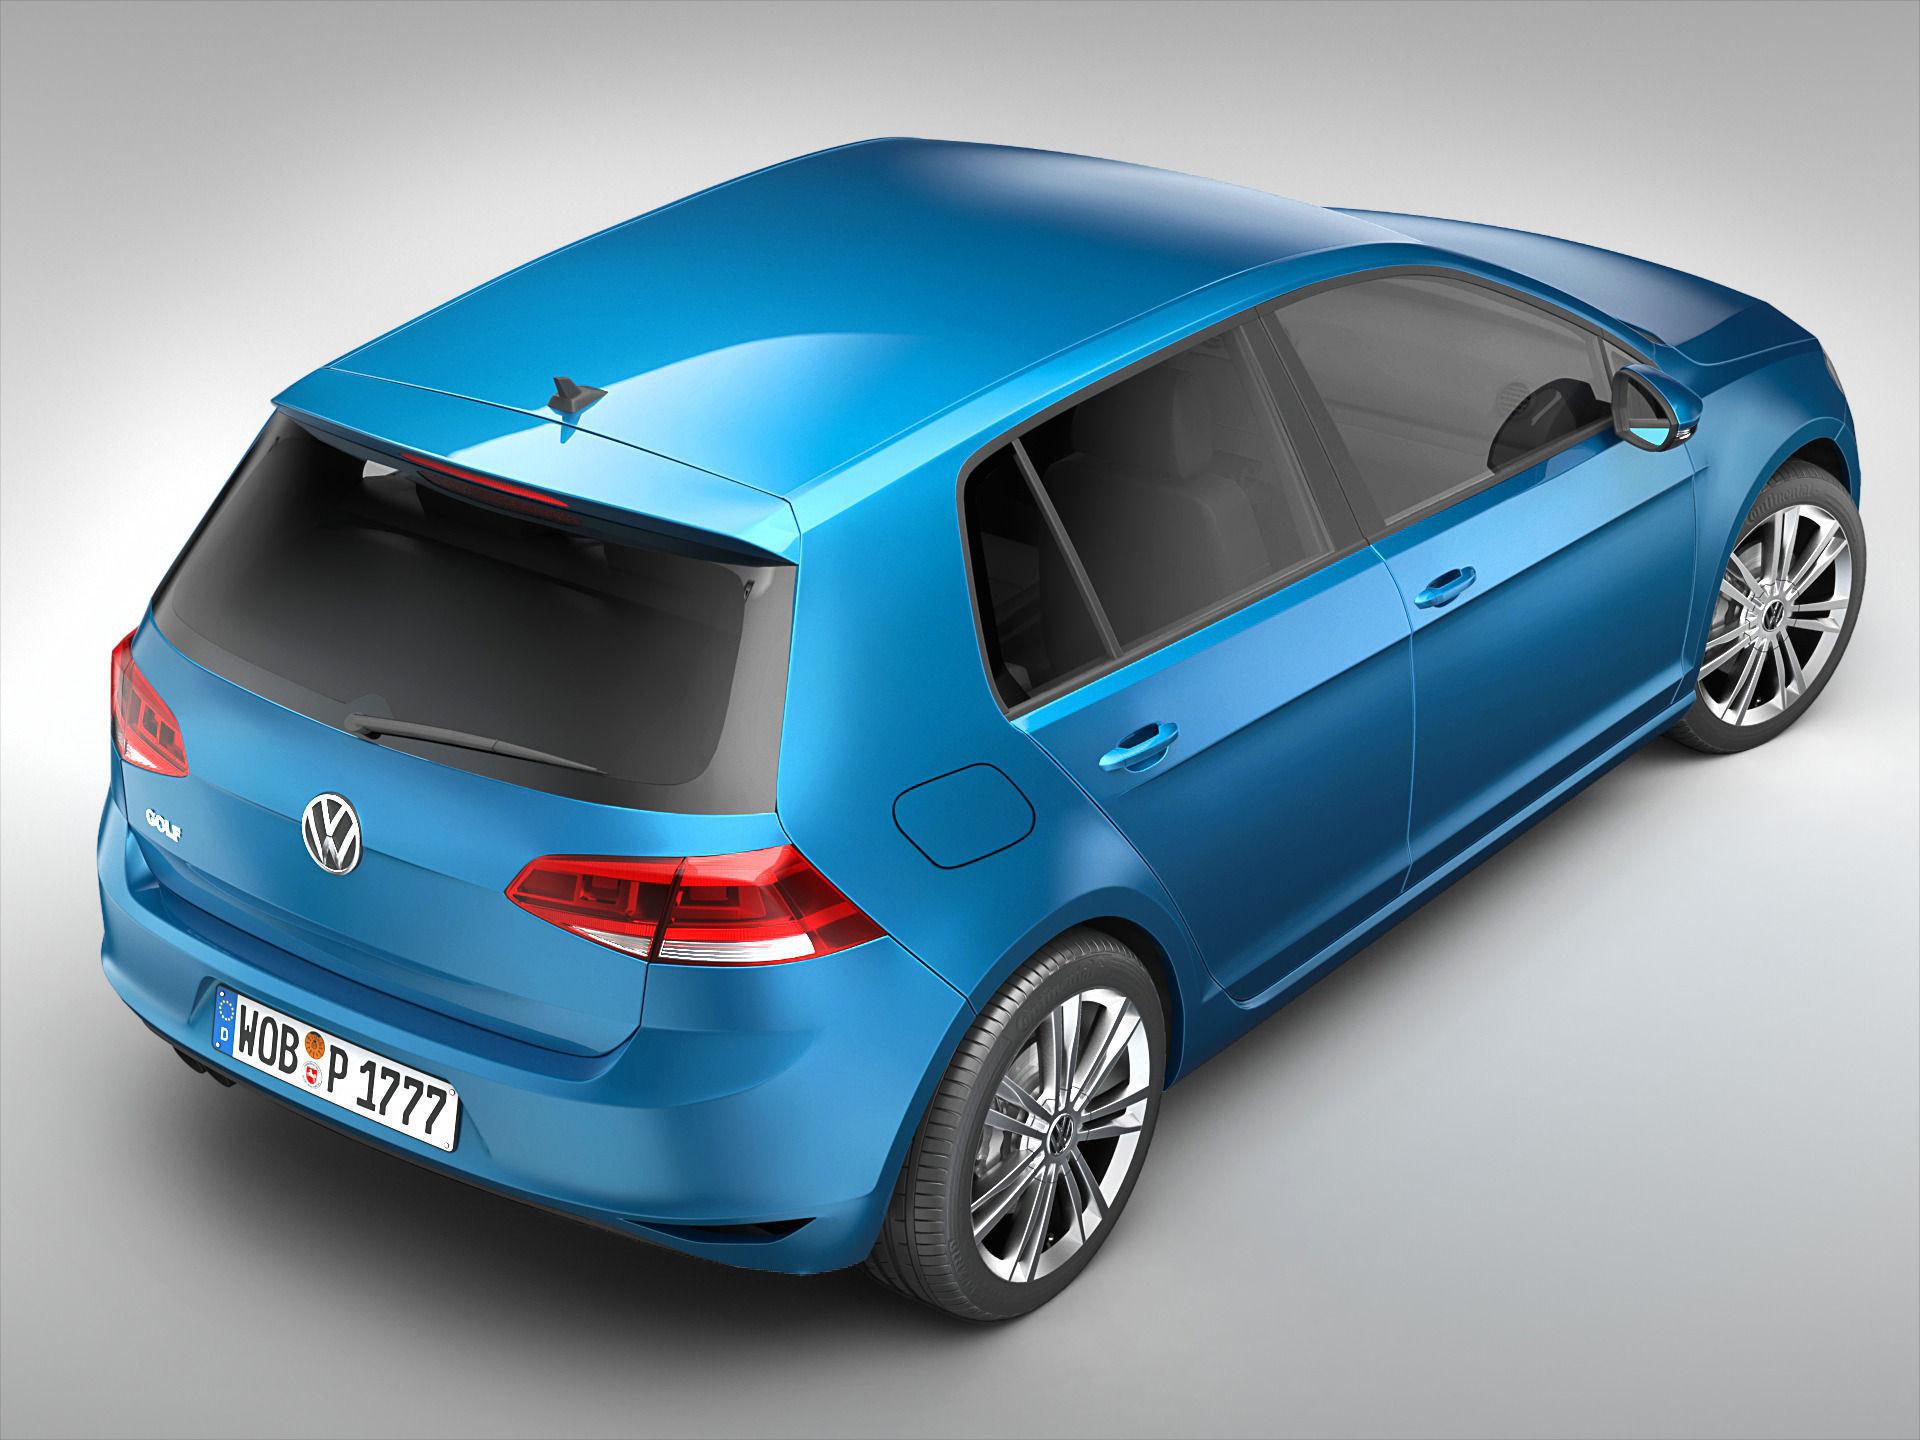 Volkswagen Golf MK7 2013 3D Model MAX OBJ 3DS FBX C4D MA MB | CGTrader.com